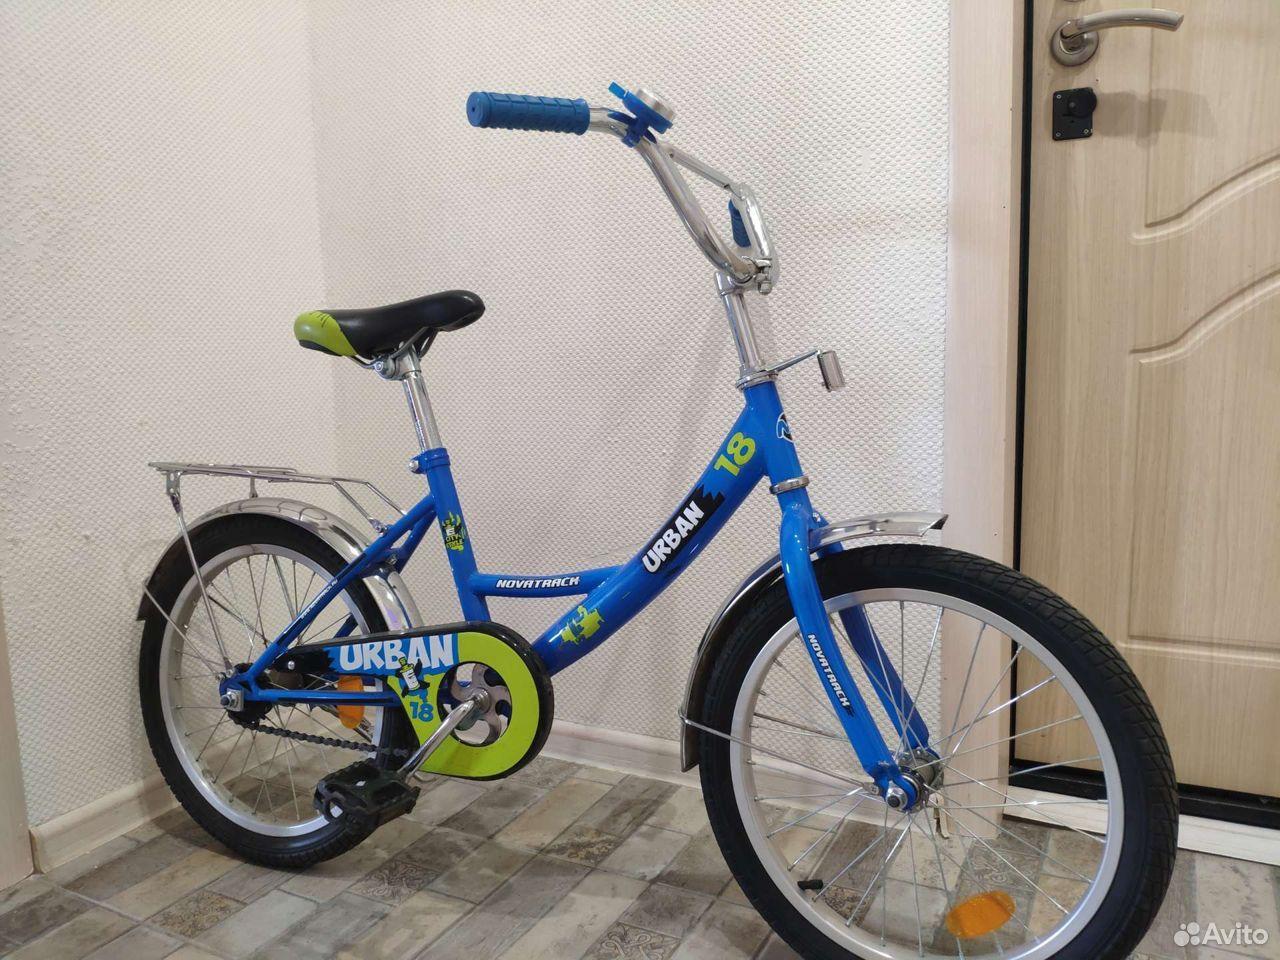 Велосипед urban 18  89124746028 купить 3